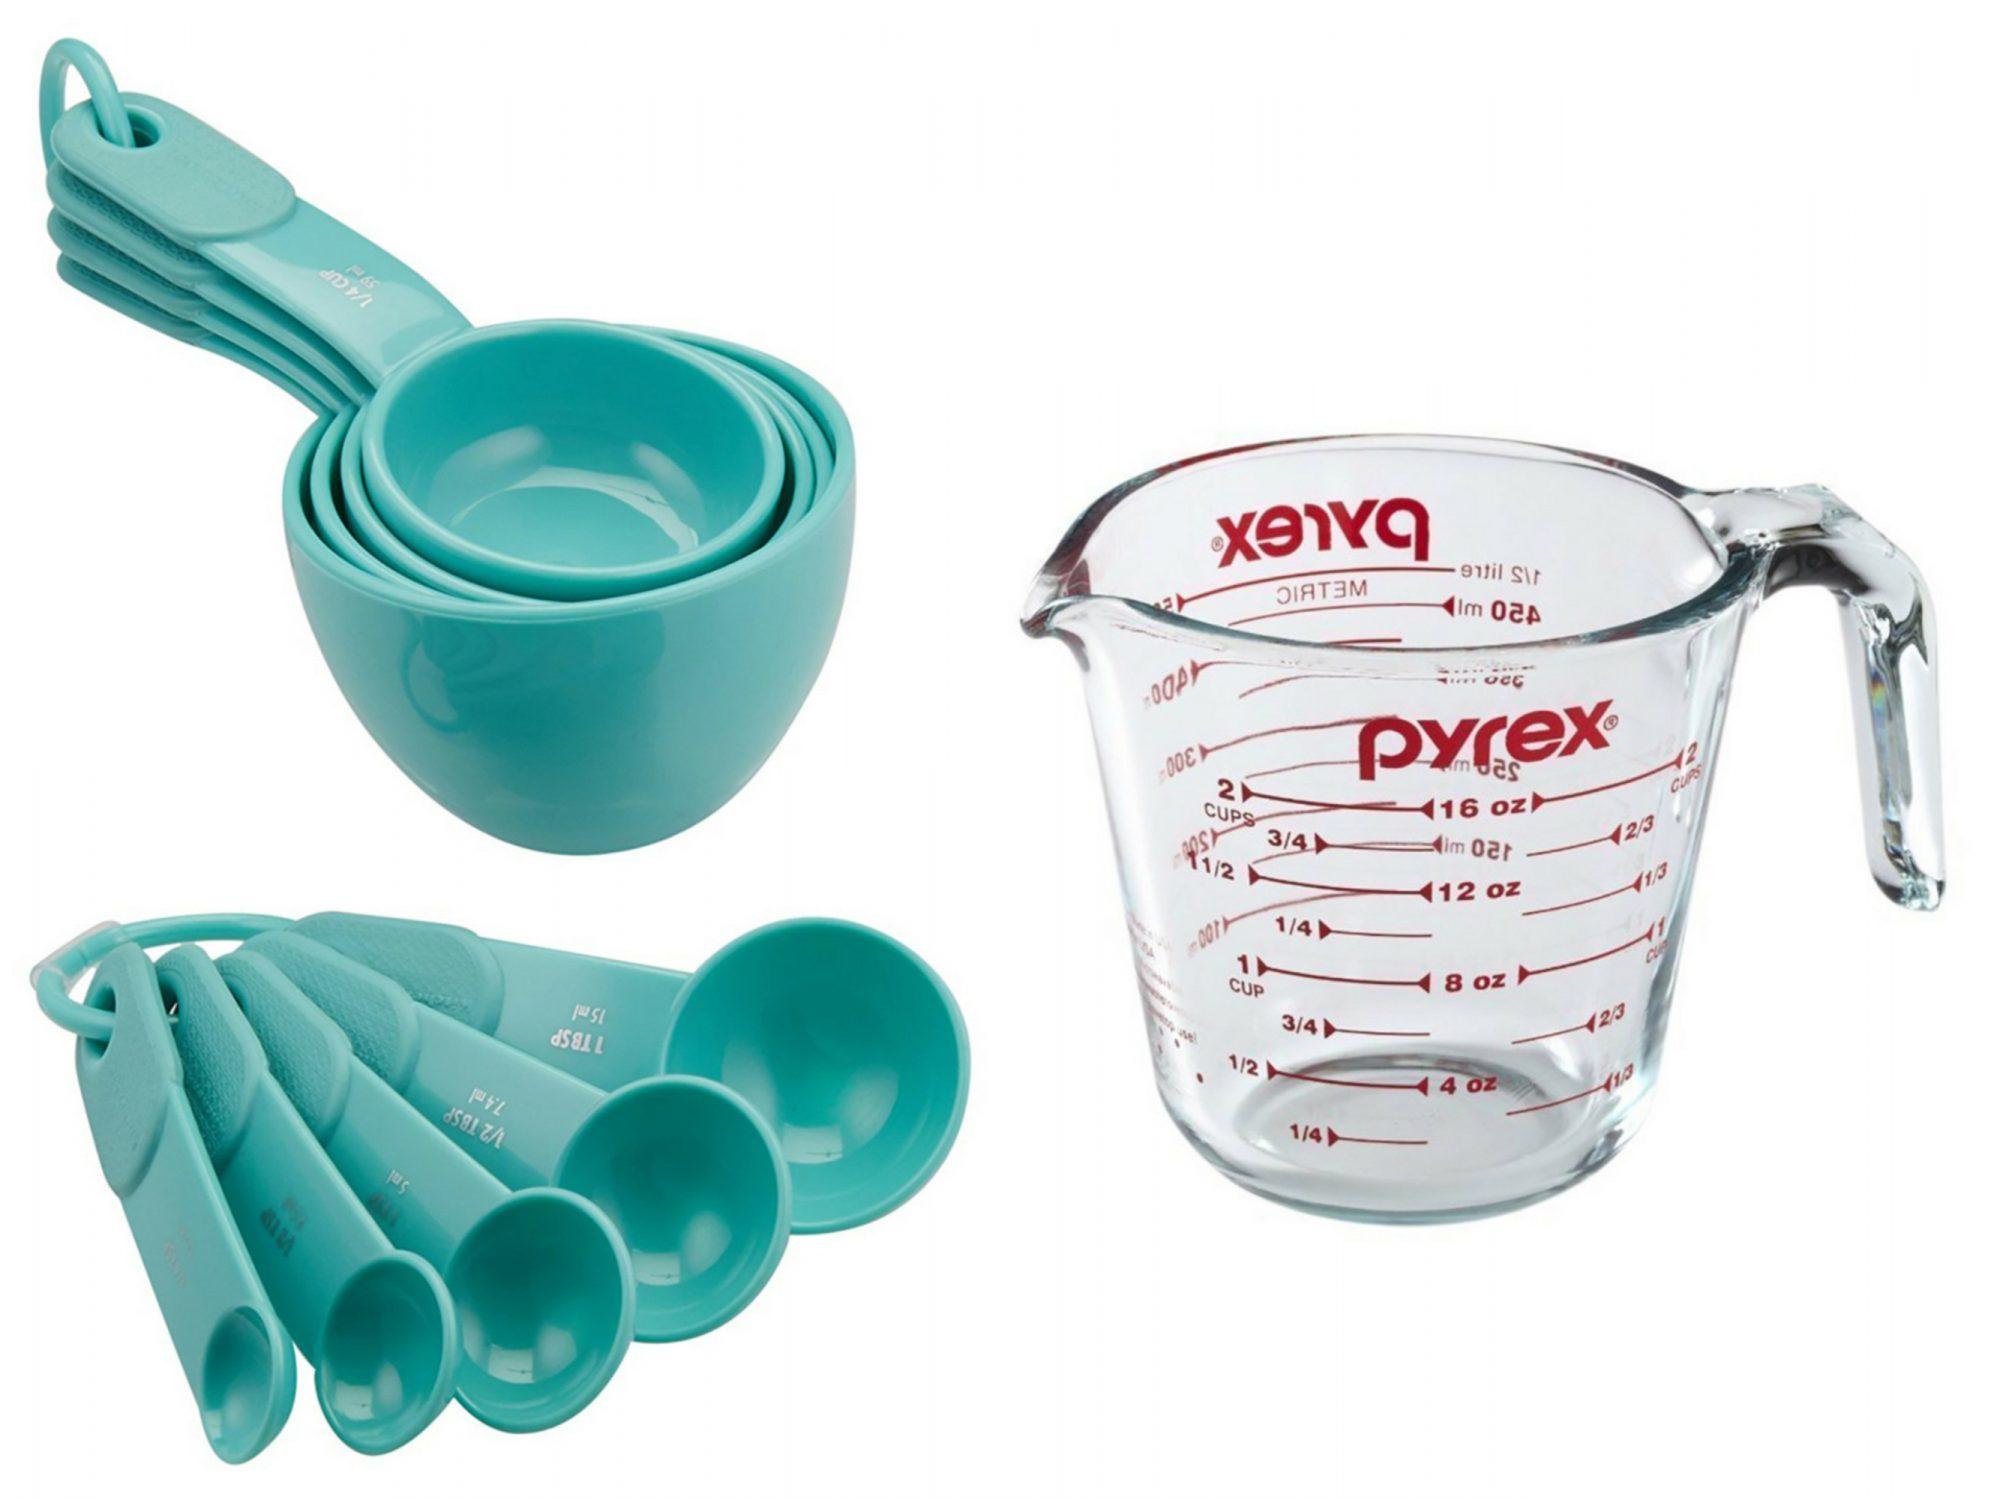 Dry vs Liquid Measuring Cups